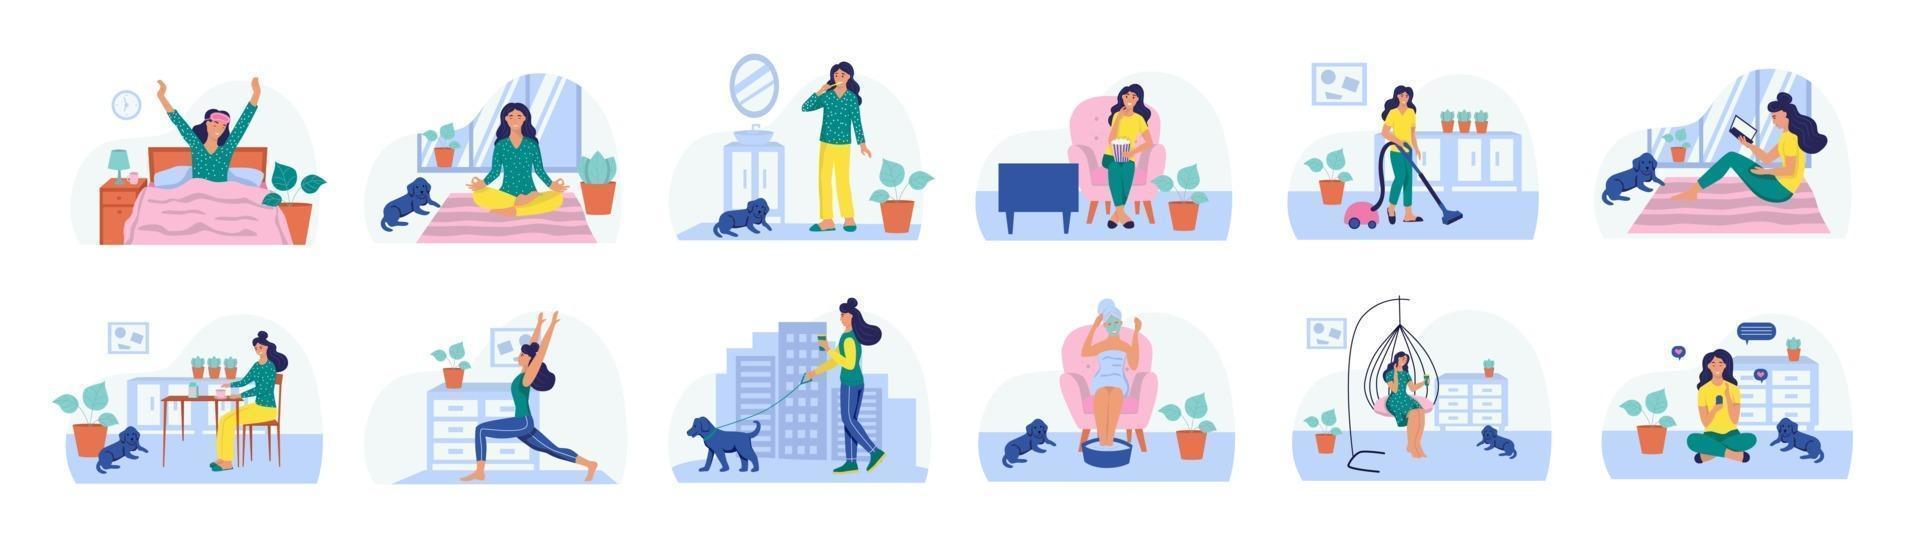 conjunto de rotinas diárias. o conceito de vida cotidiana, lazer cotidiano e atividades de trabalho. ilustração vetorial plana. vetor